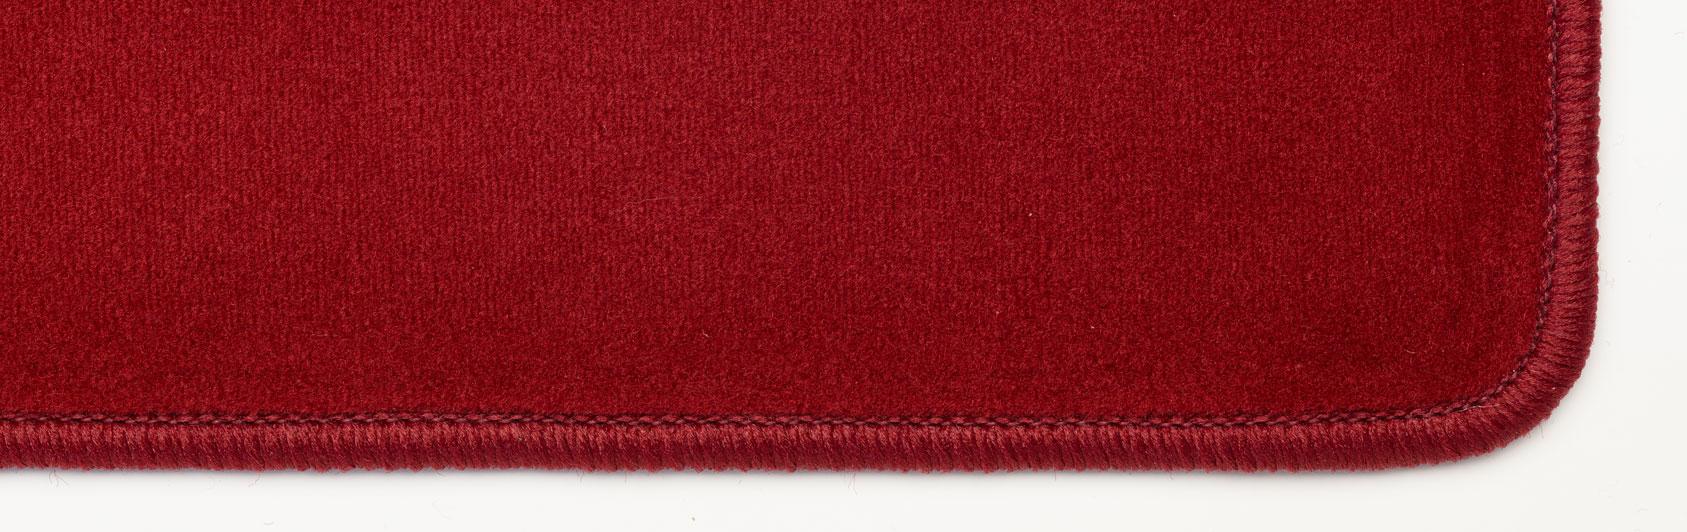 tapis d'église Velours code couleur 611 couleur rouge clair